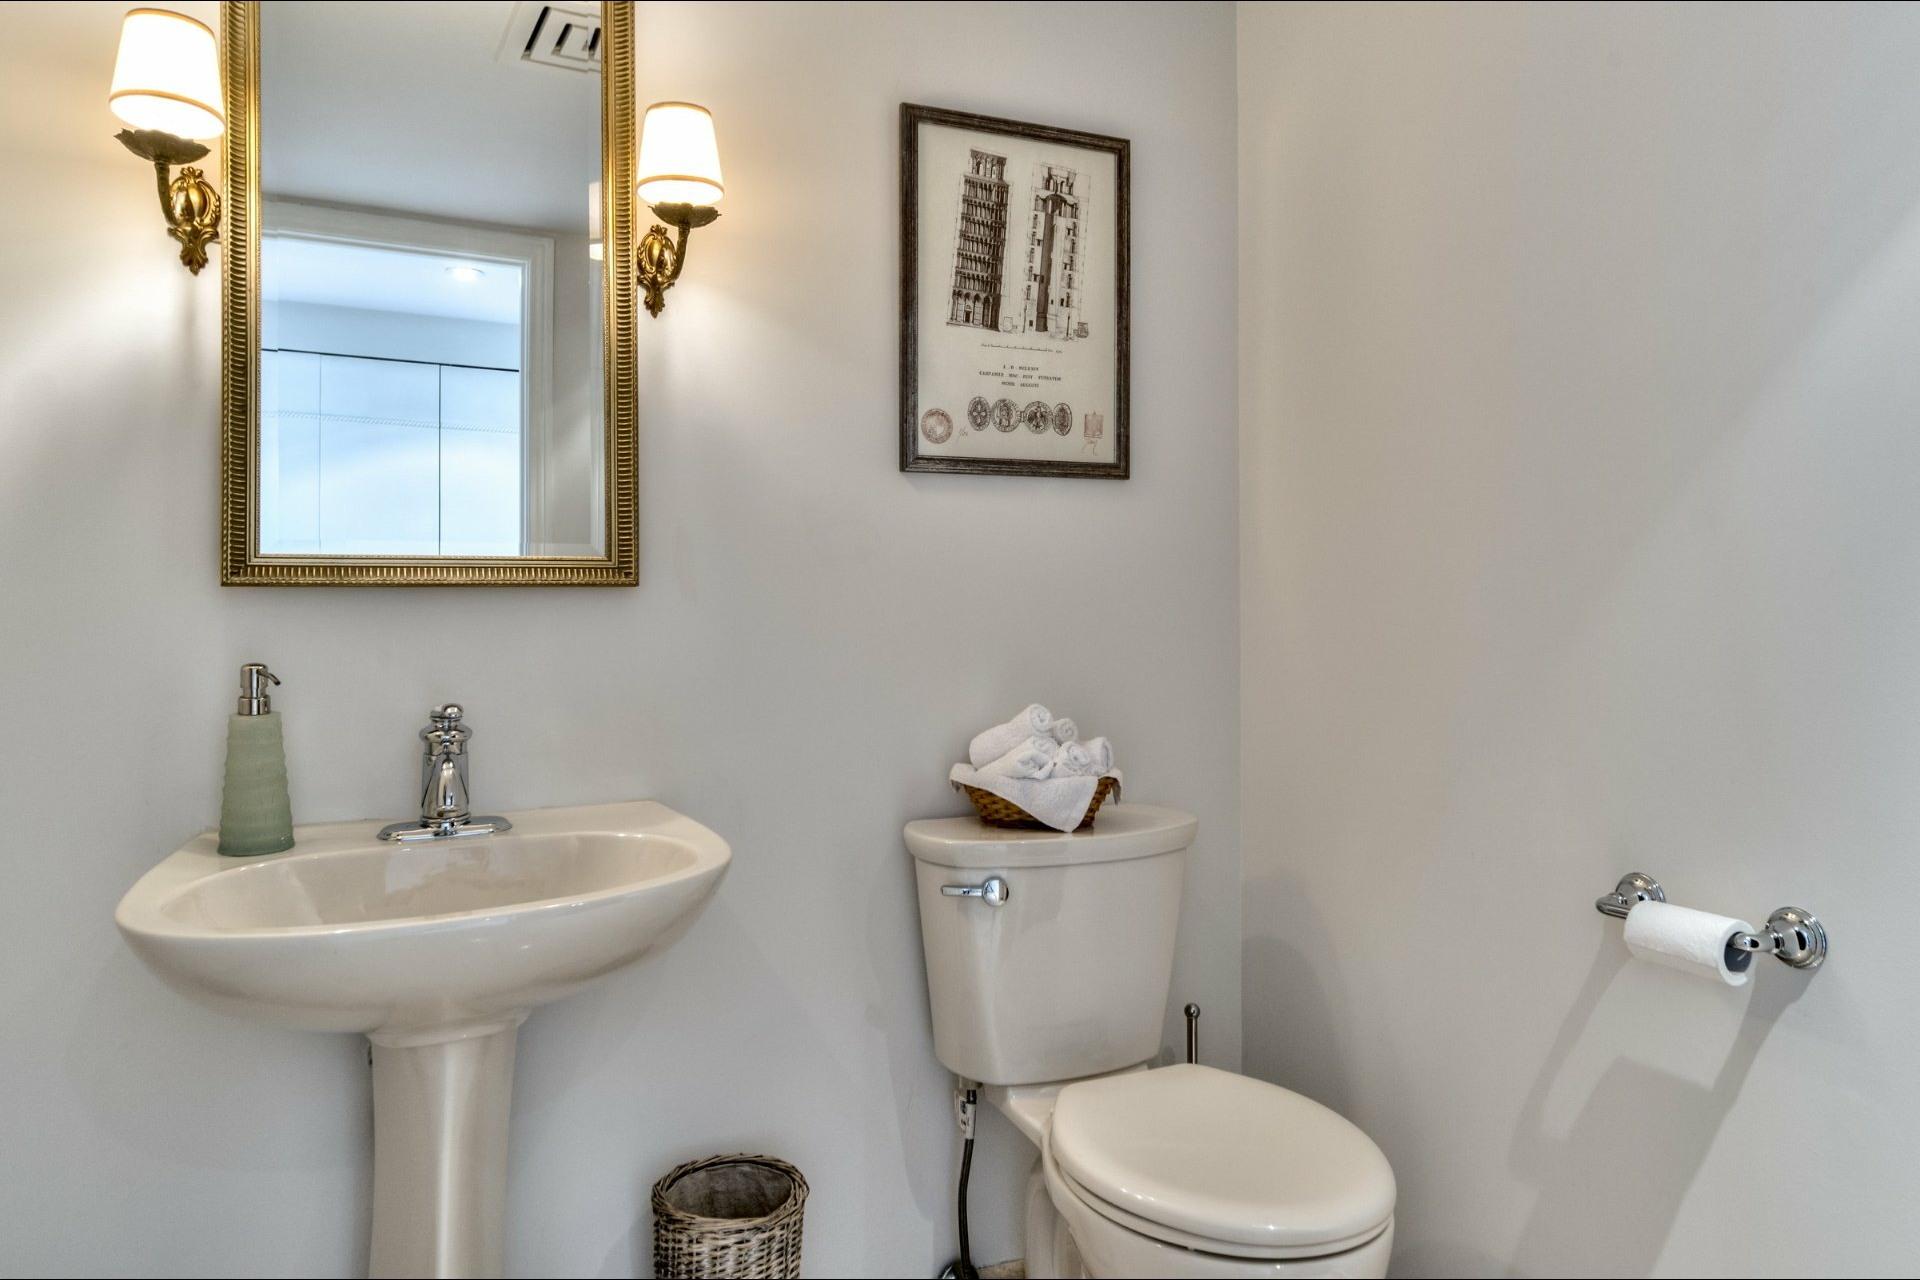 image 25 - Departamento En venta Côte-des-Neiges/Notre-Dame-de-Grâce Montréal  - 12 habitaciones